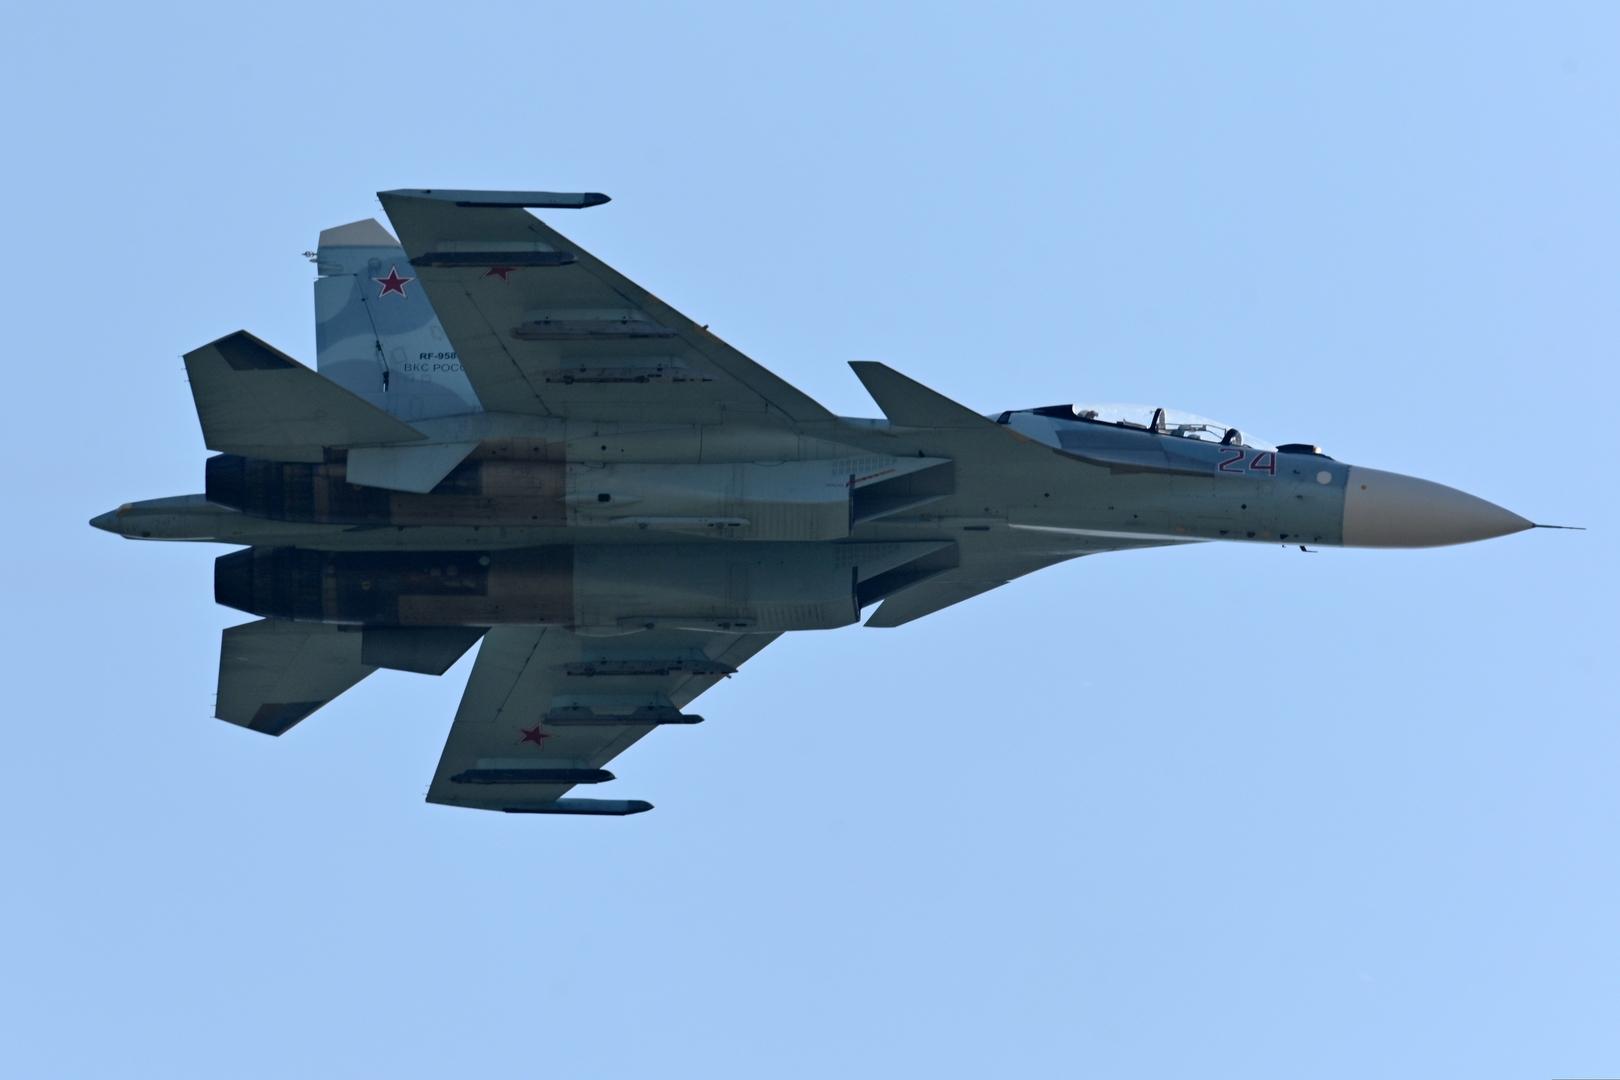 روسيا.. اعتراض 3 طائرات لدول غربية فوق البلطيق